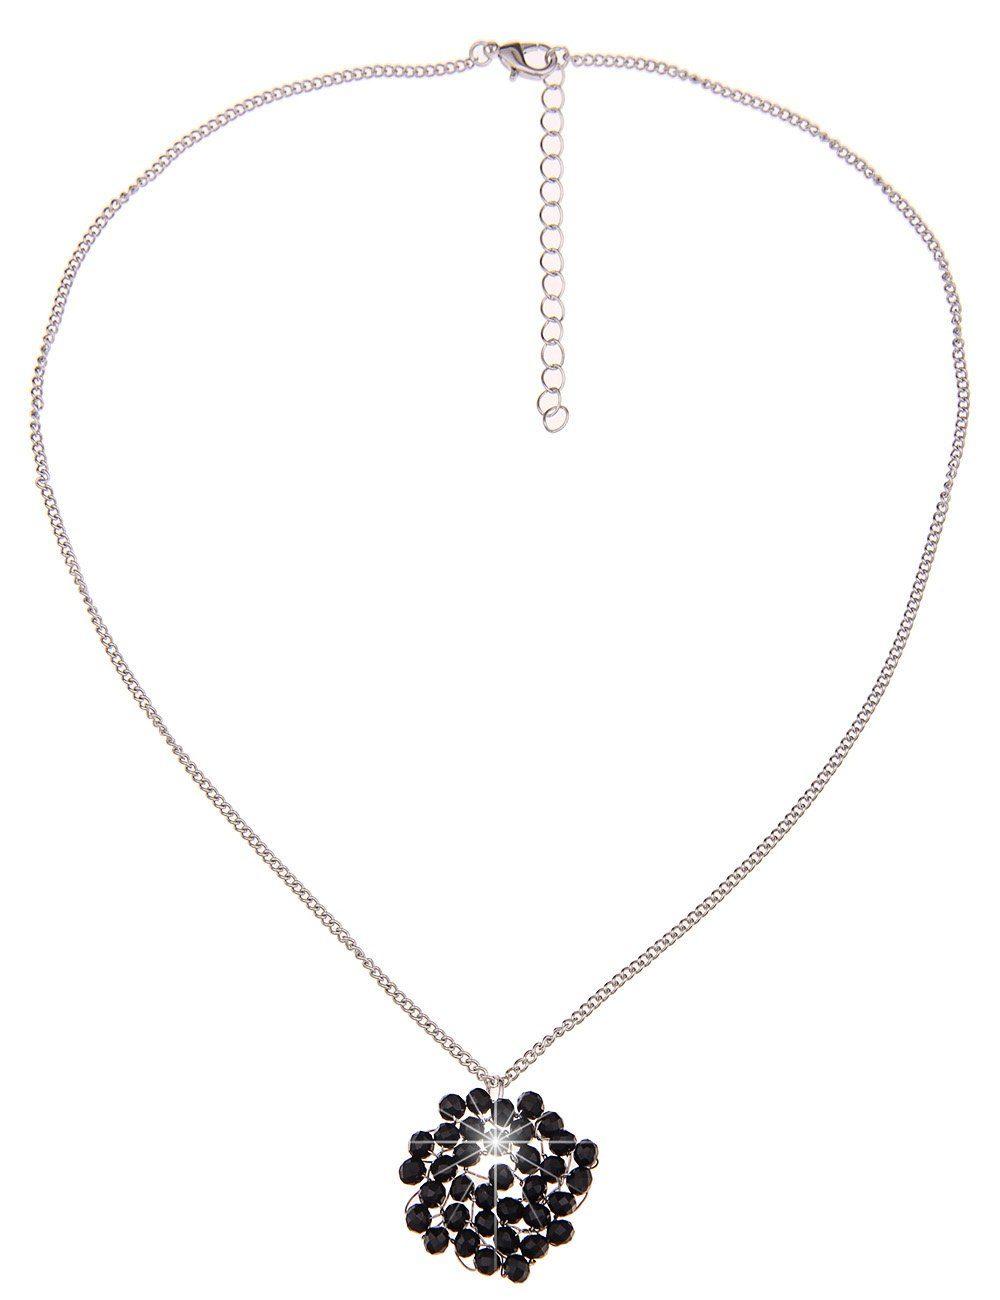 Leslii Halskette mit schwarzen Glasperlen